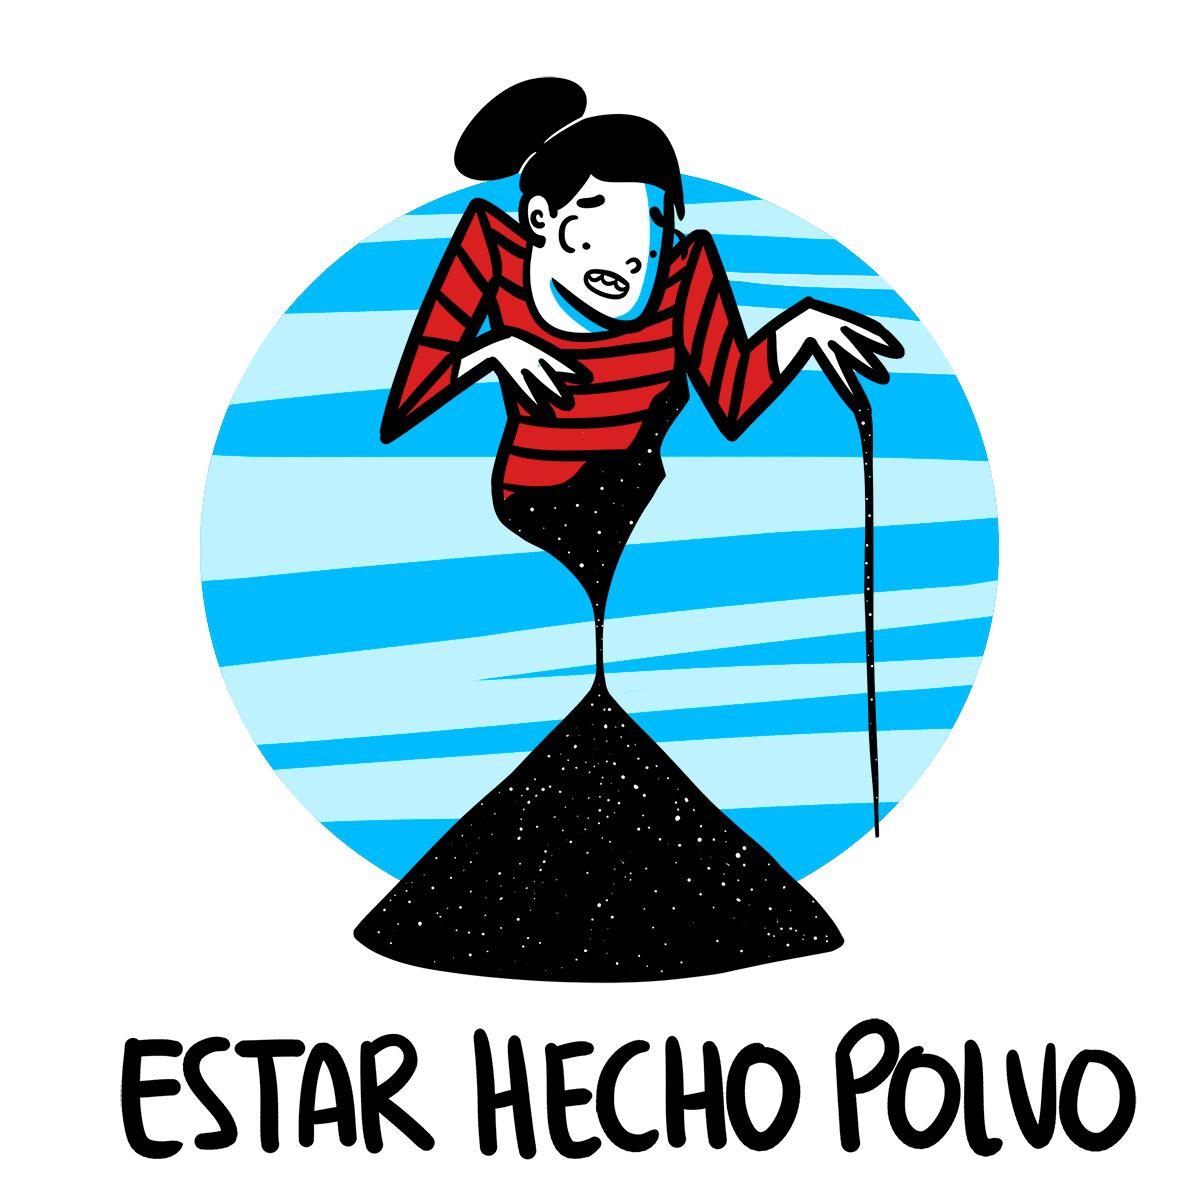 palavras em espanhol polvo